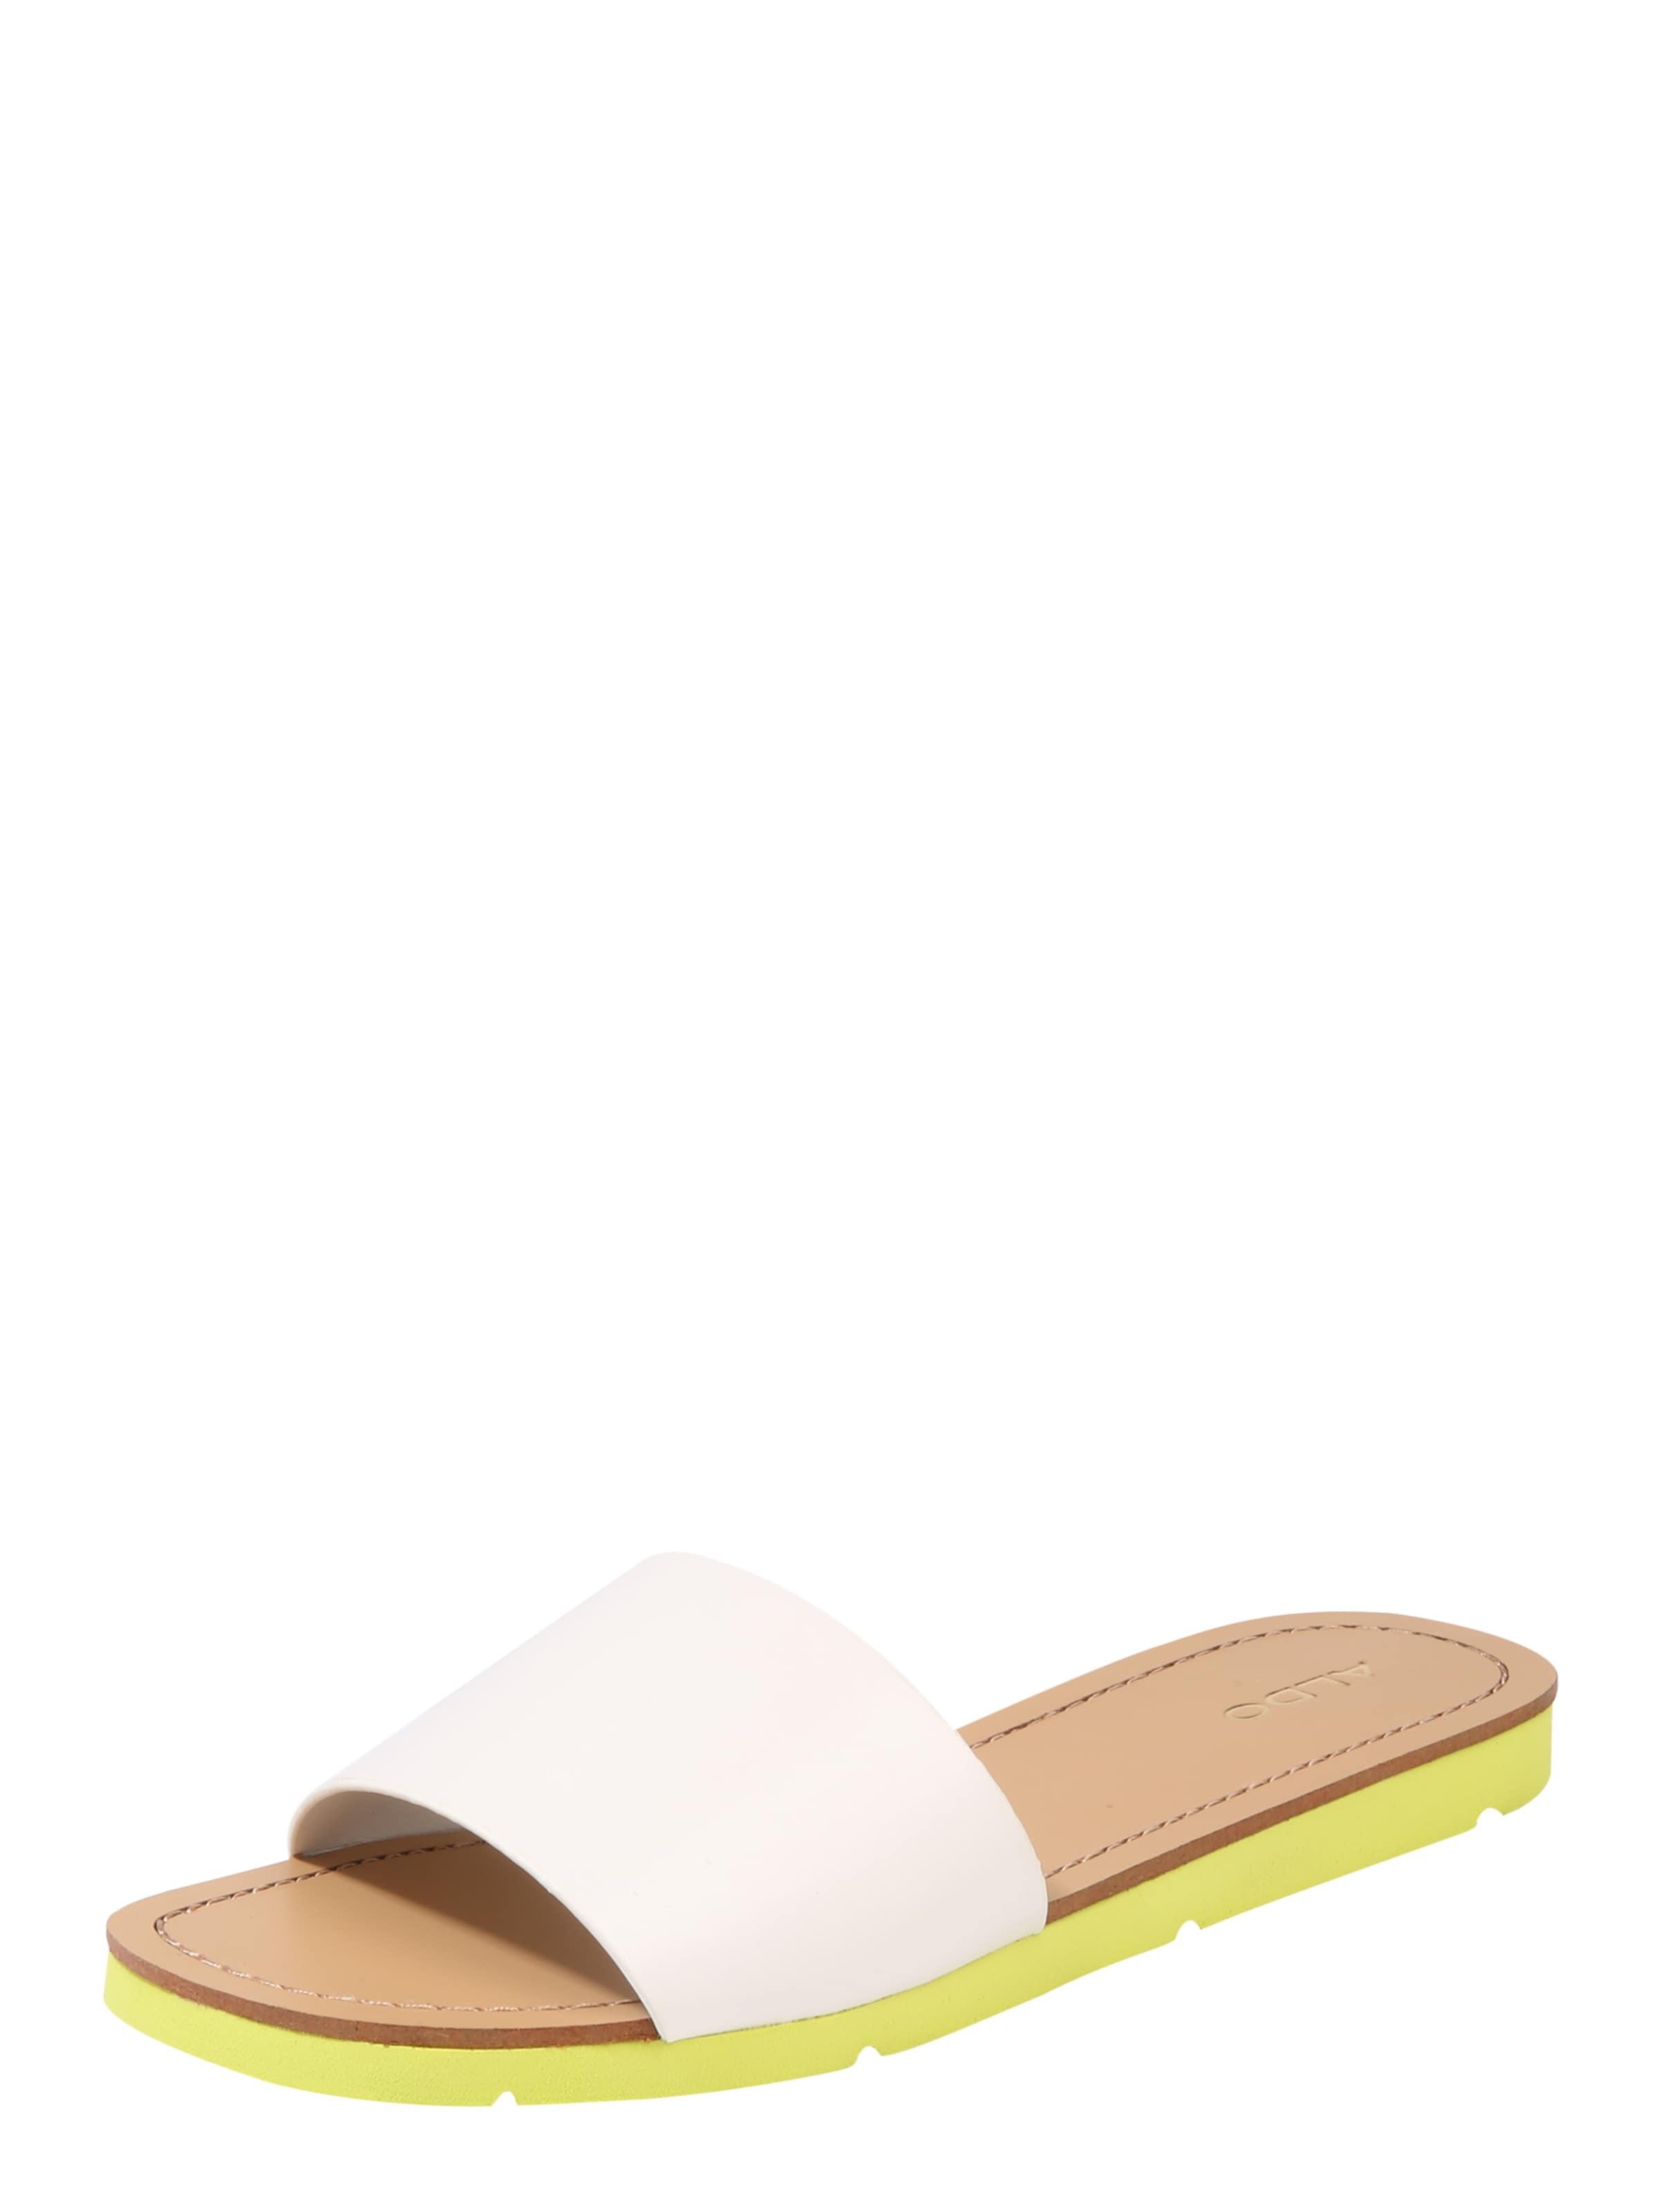 ALDO Pantolette 'GWAYNI' Neue Stile Zu Verkaufen qP6YUVcU9